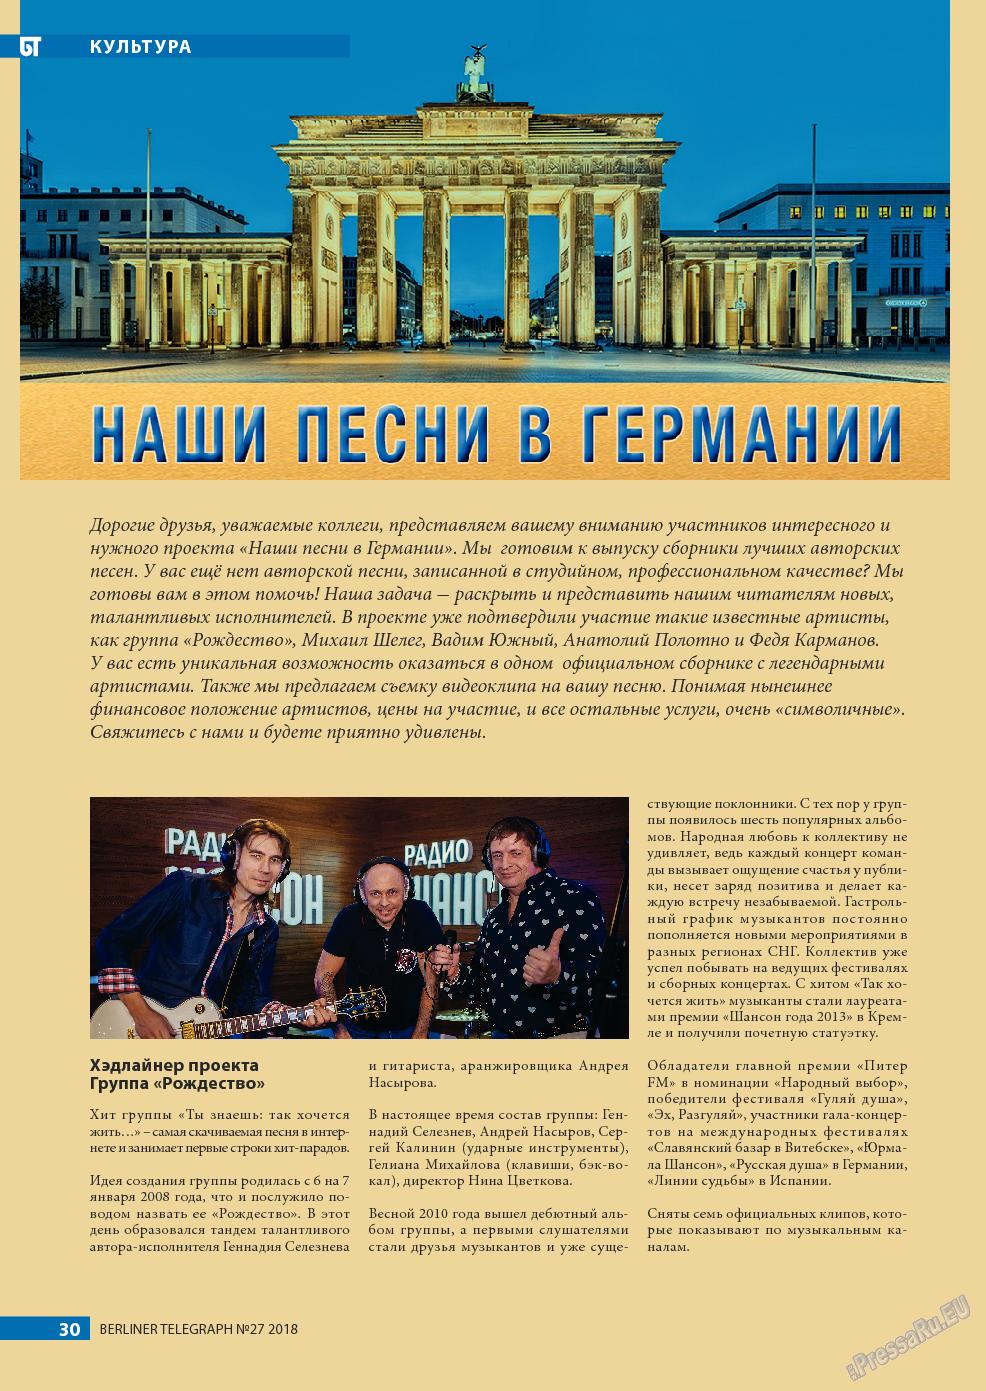 Берлинский телеграф (журнал). 2018 год, номер 27, стр. 30